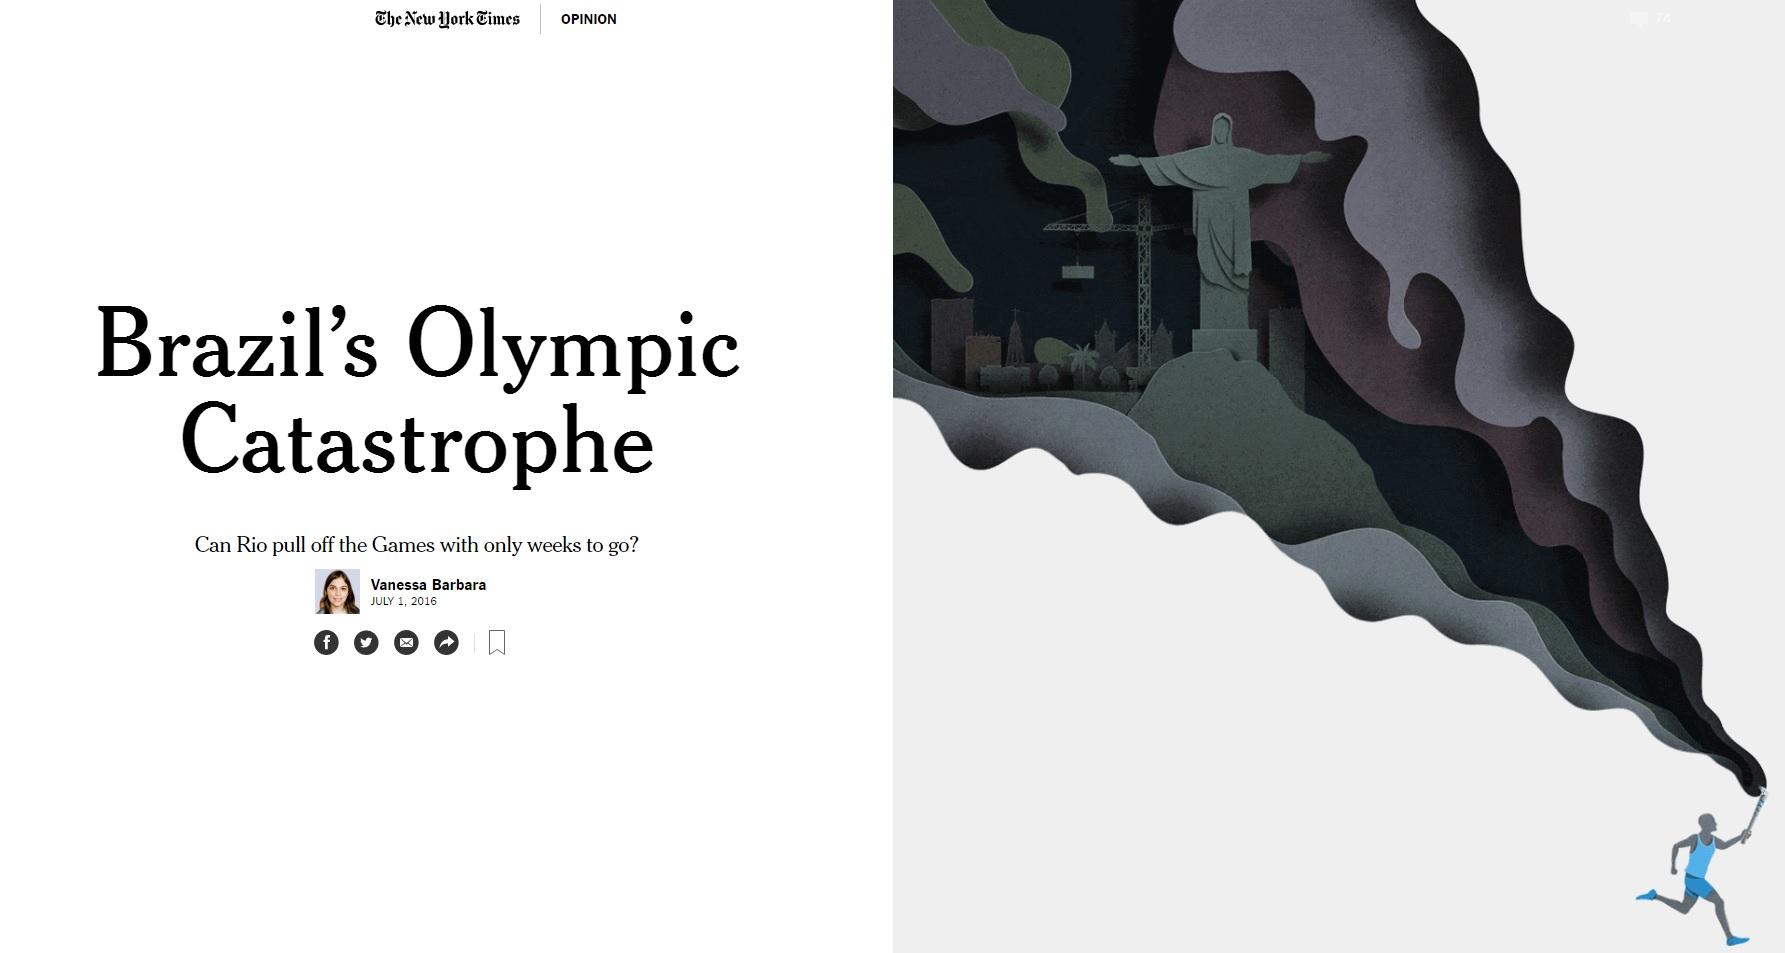 Artigo do 'New York Times' fala em possível 'catástrofe' no Rio